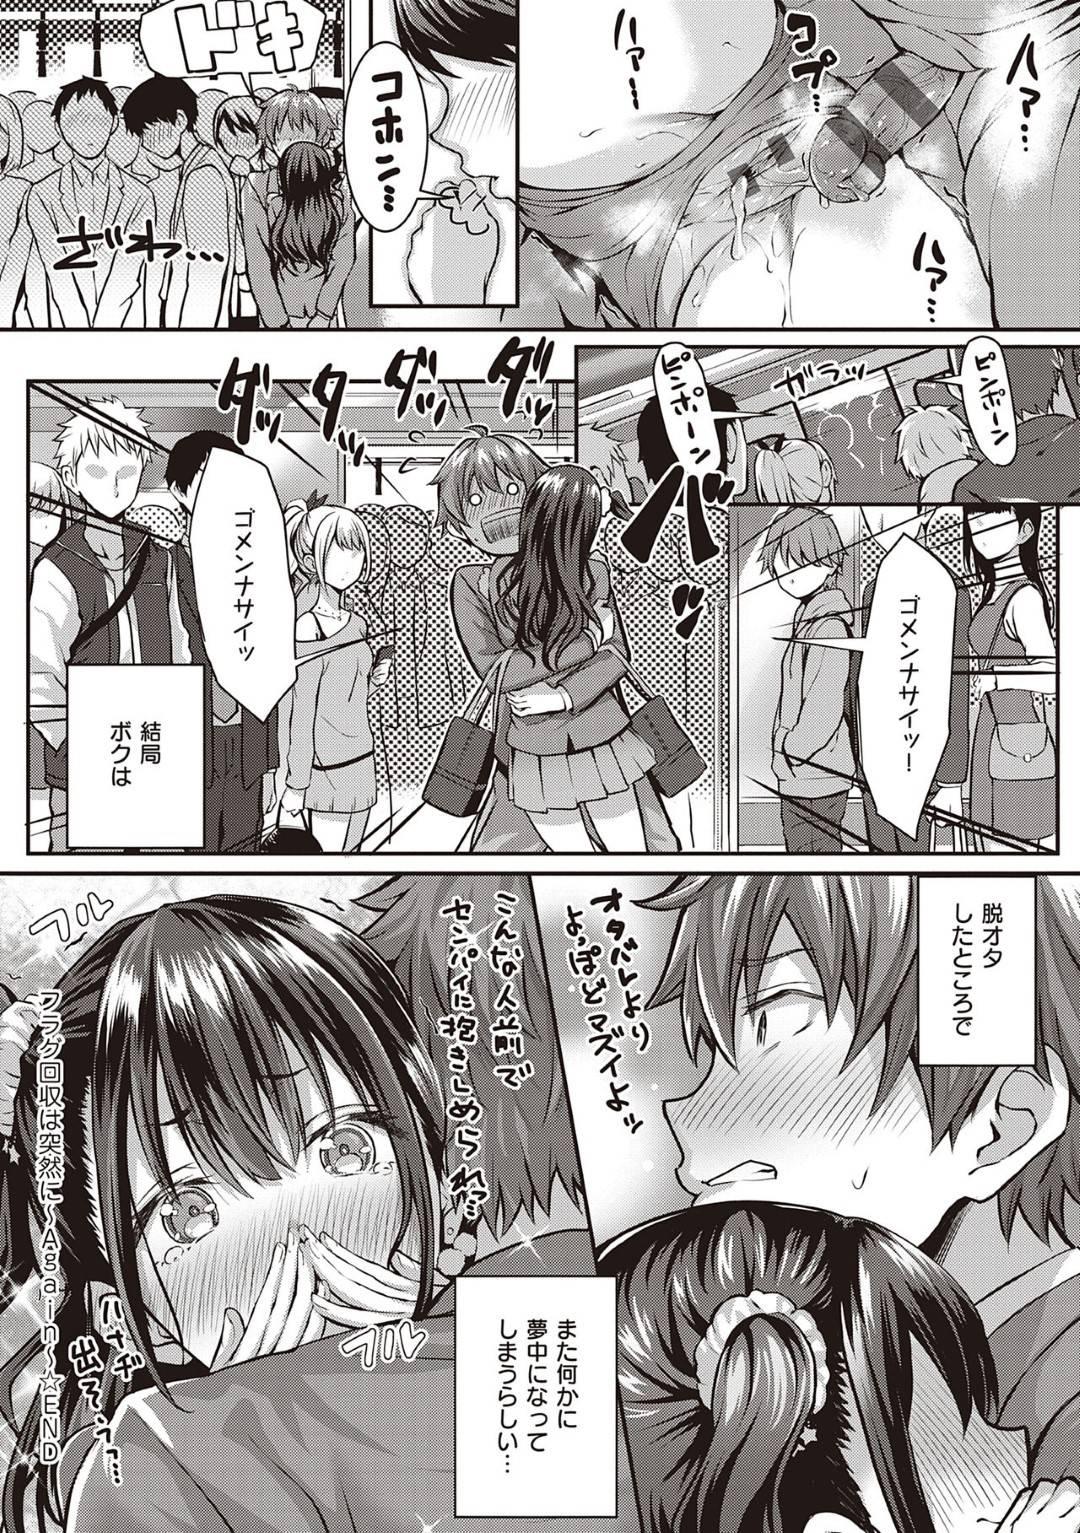 【エロ漫画】先輩男子と付き合うようになった清楚系巨乳JK。通学で2人で満員電車に乗り、車内で密着状態になって興奮したあまりに勃起した彼を見かねた彼女は、こっそりと彼にフェラ抜きしてしまう!